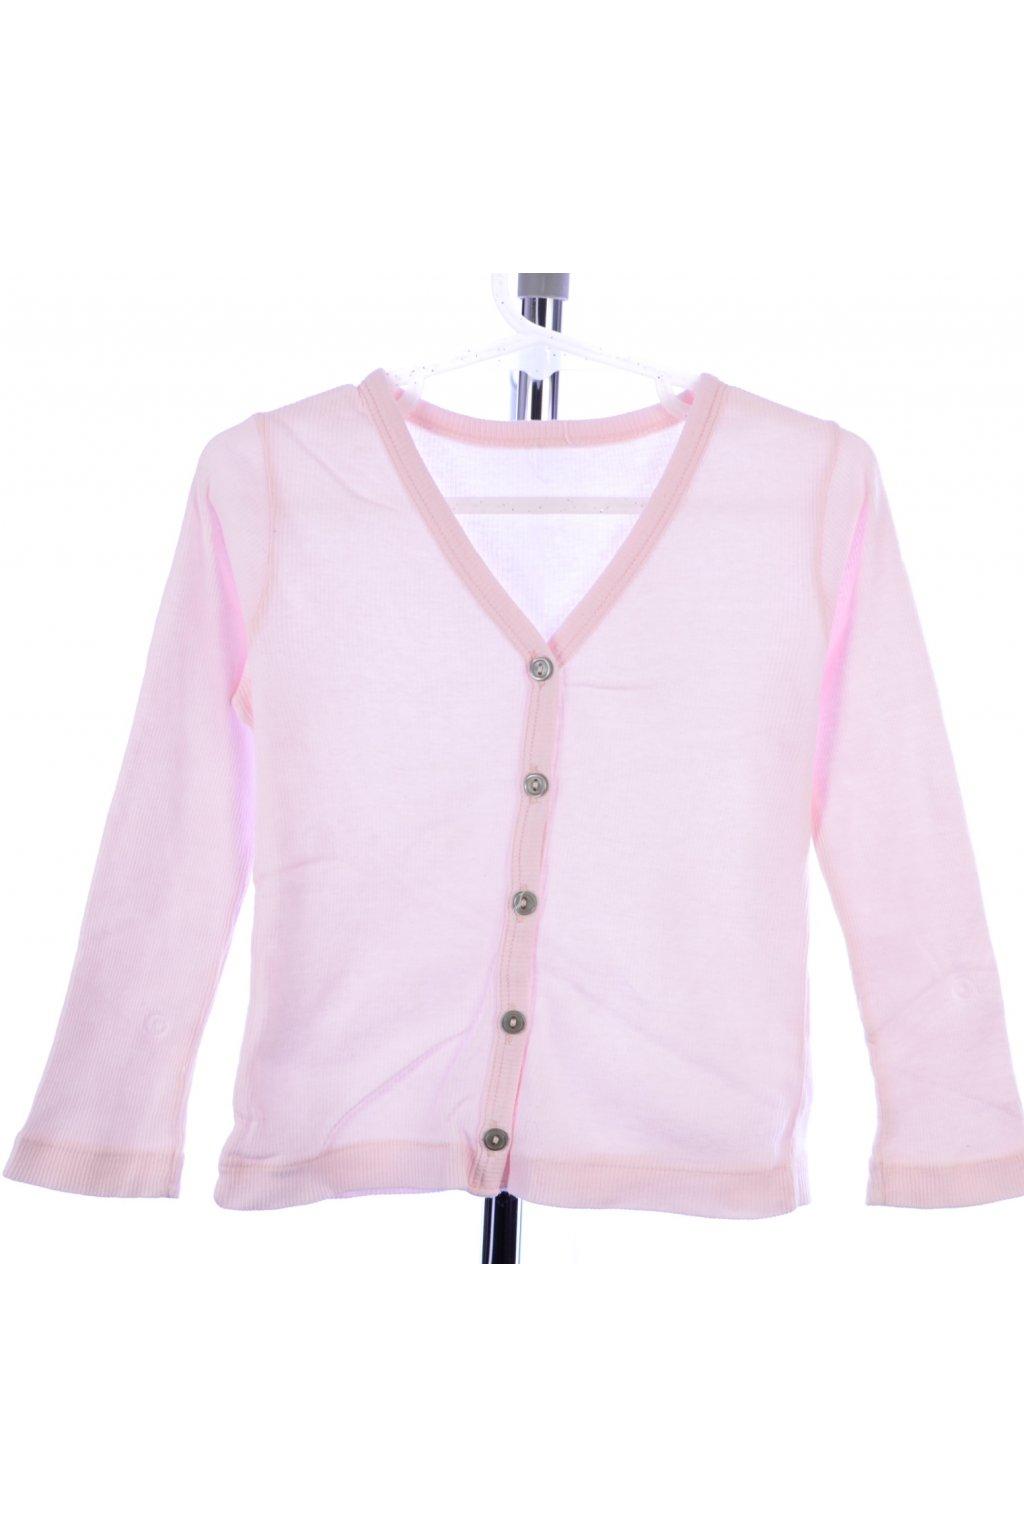 Pyžamo nebo podvlíkací tričko vel 98  světle růžové